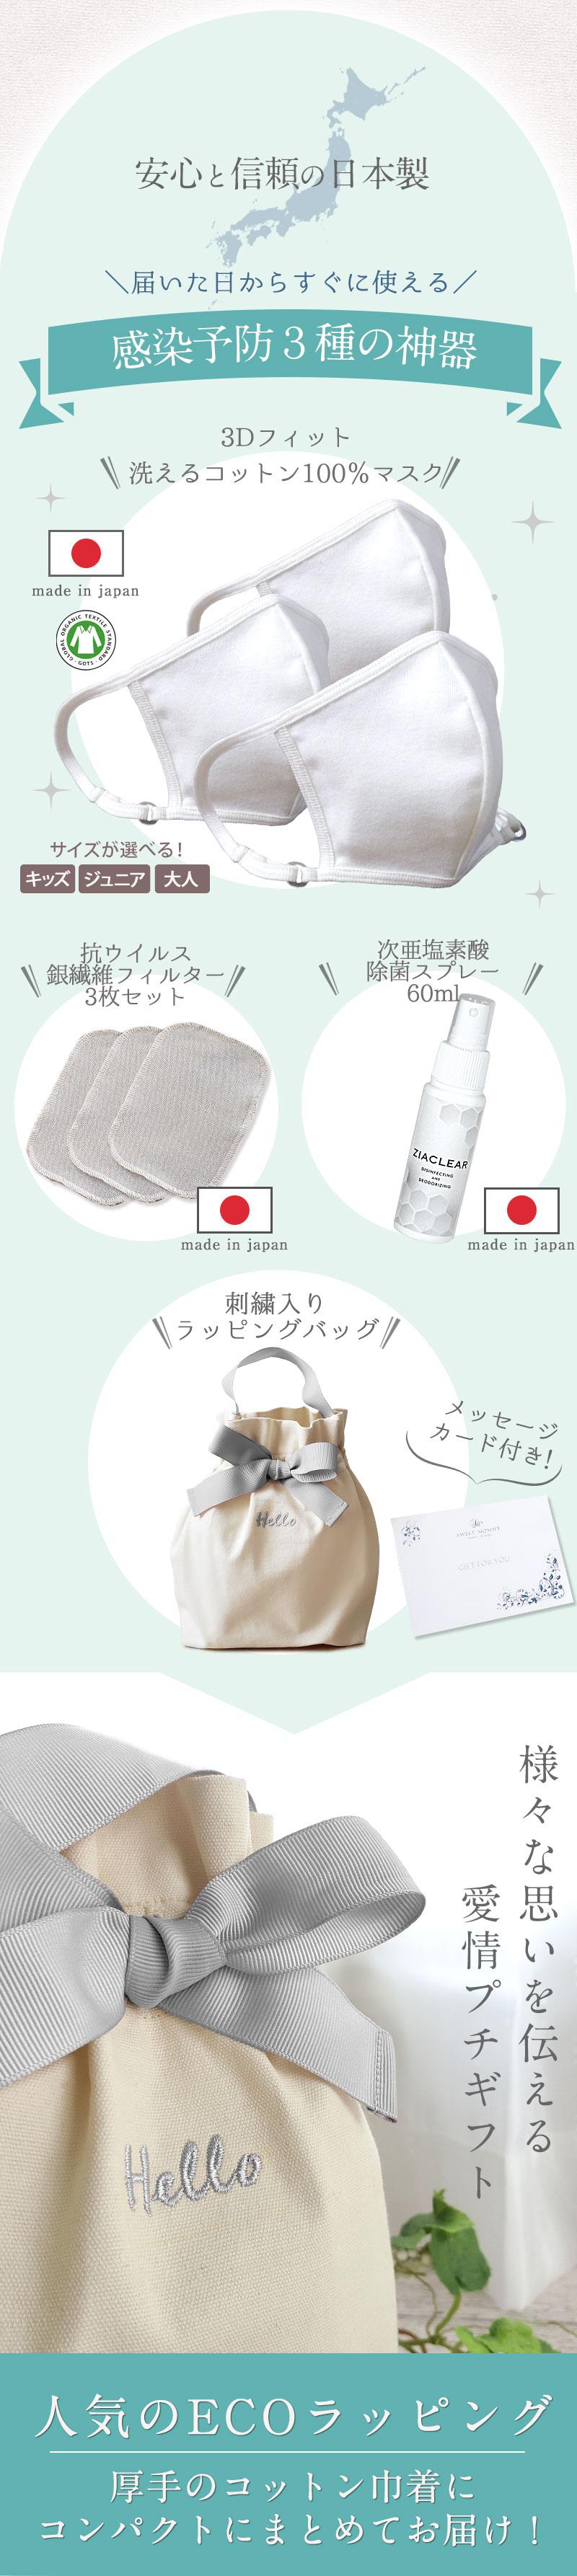 外出先での感染予防に 綿100%マスク3枚&銀繊維フィルター3枚&除菌消臭スプレー